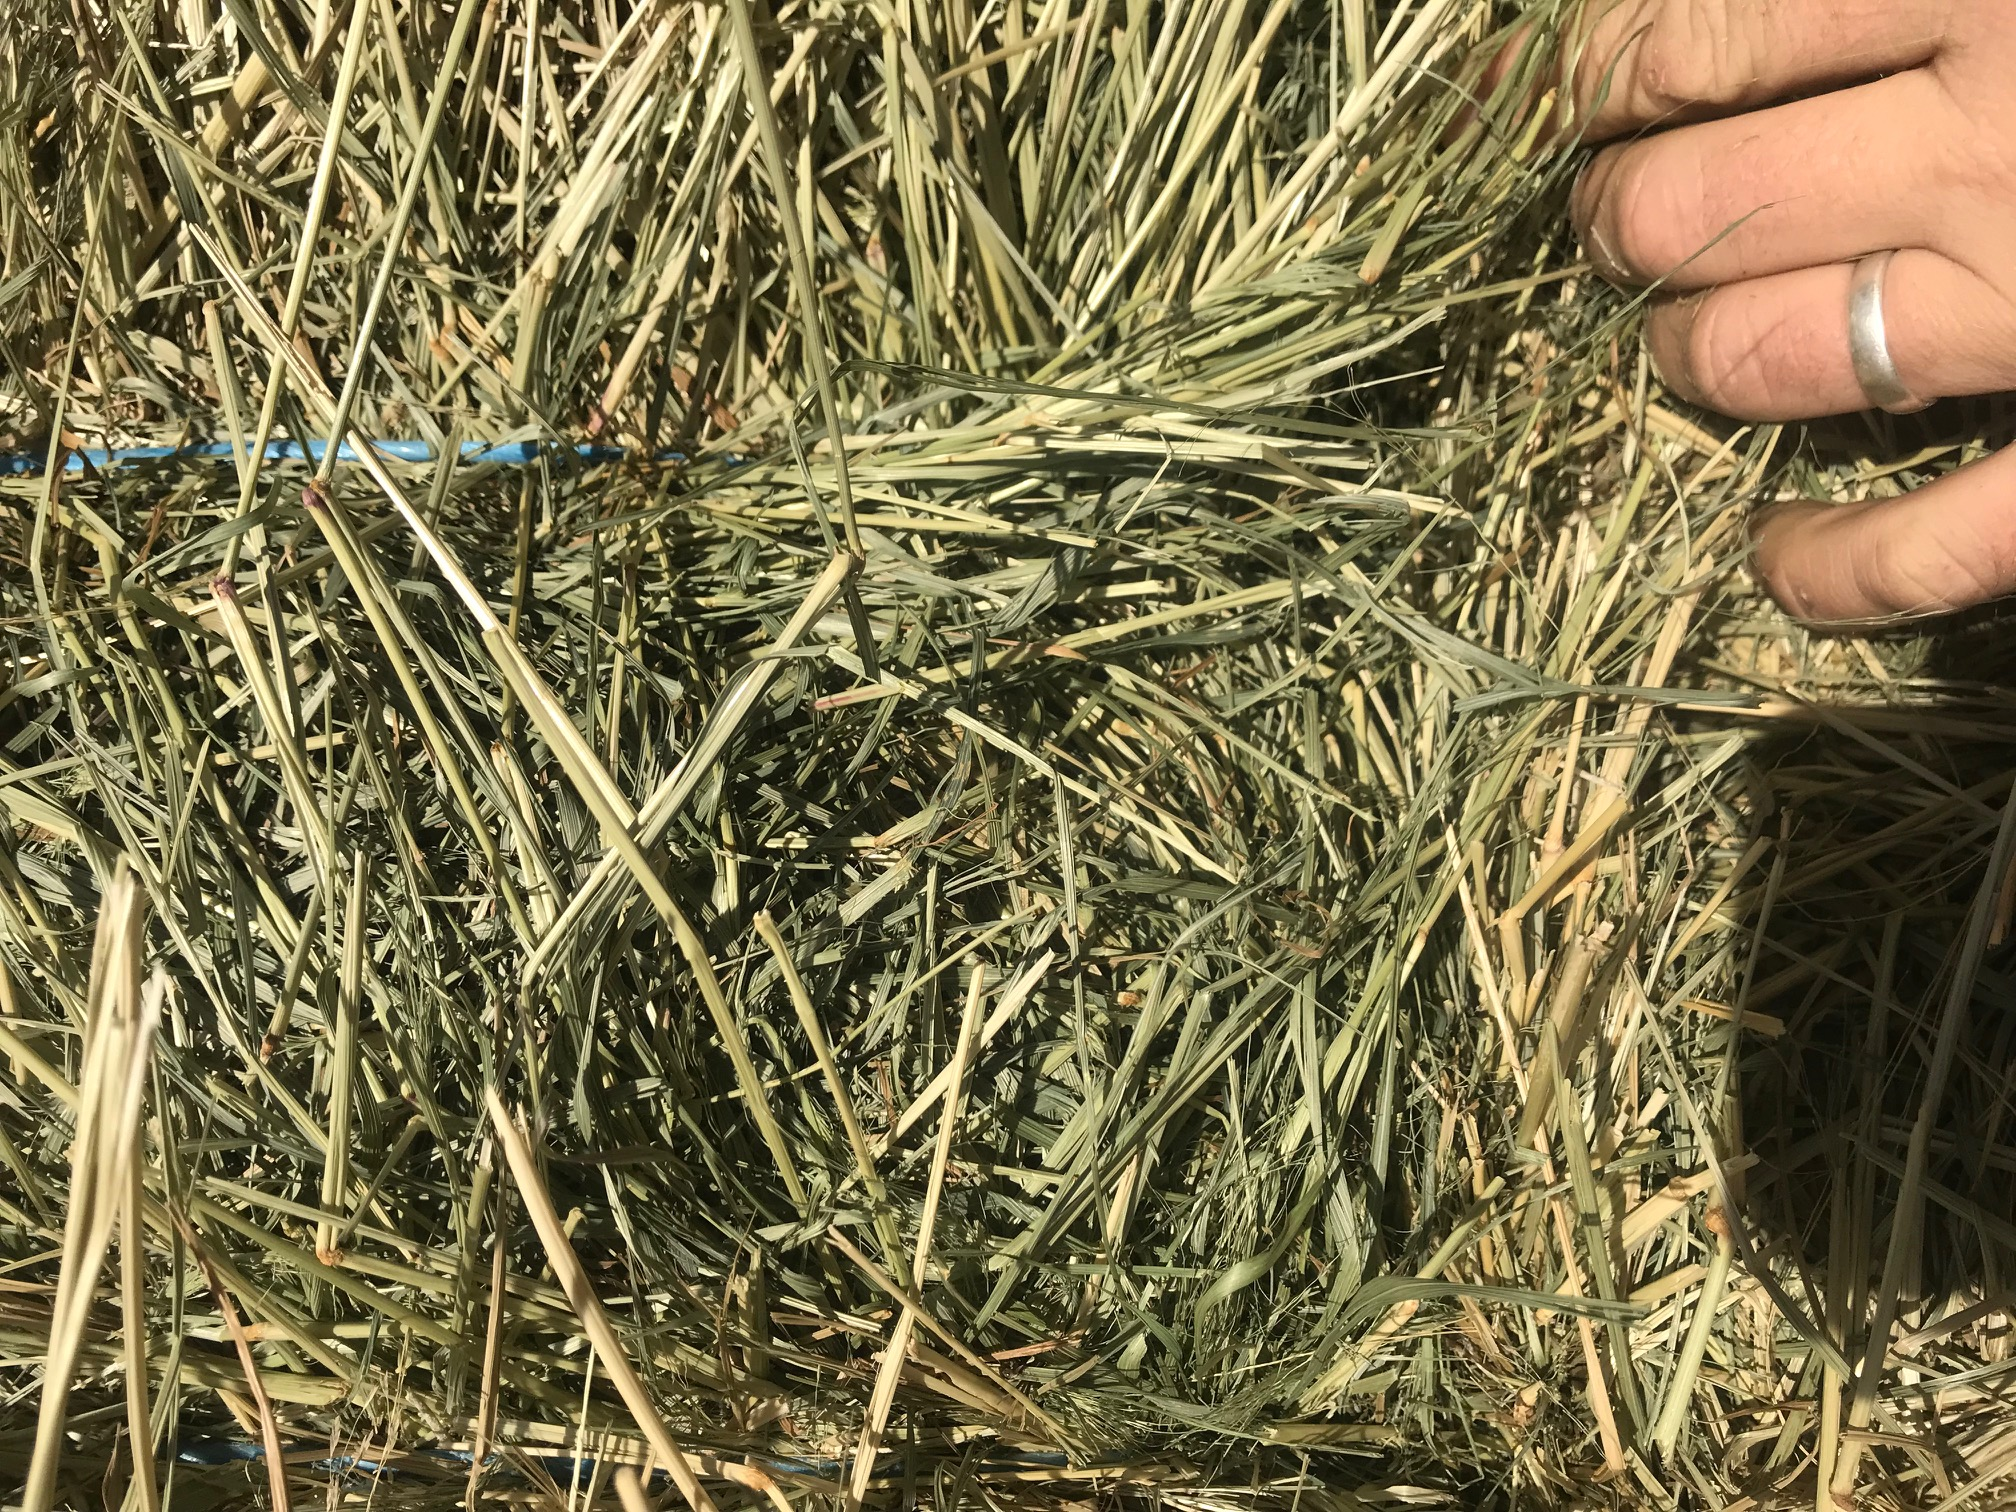 4x4 Big Bale Low Sugar Hay